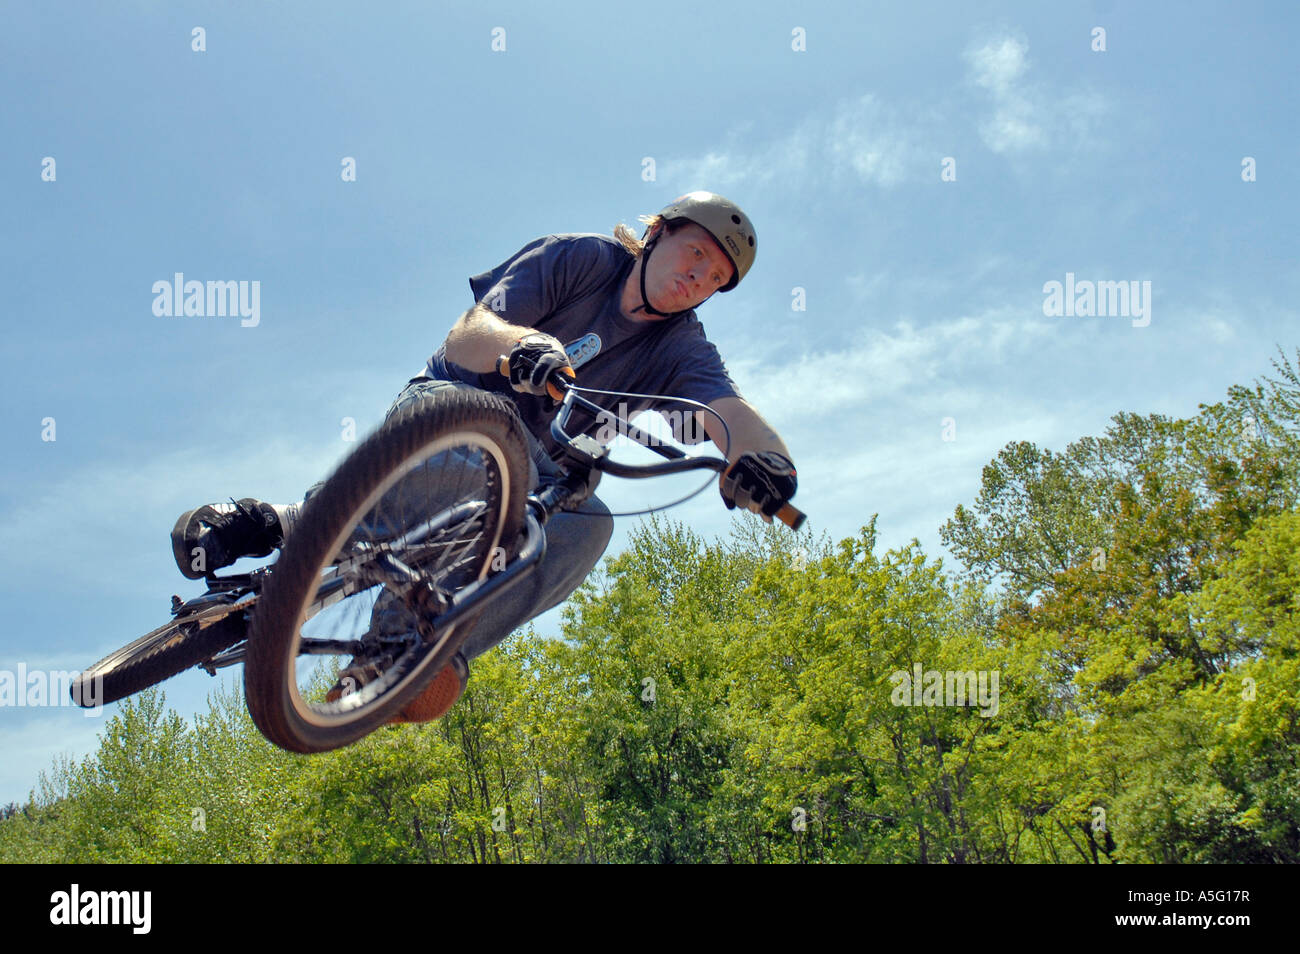 Biker, die Durchführung von Stunt bei einem Wettbewerb Stockfoto